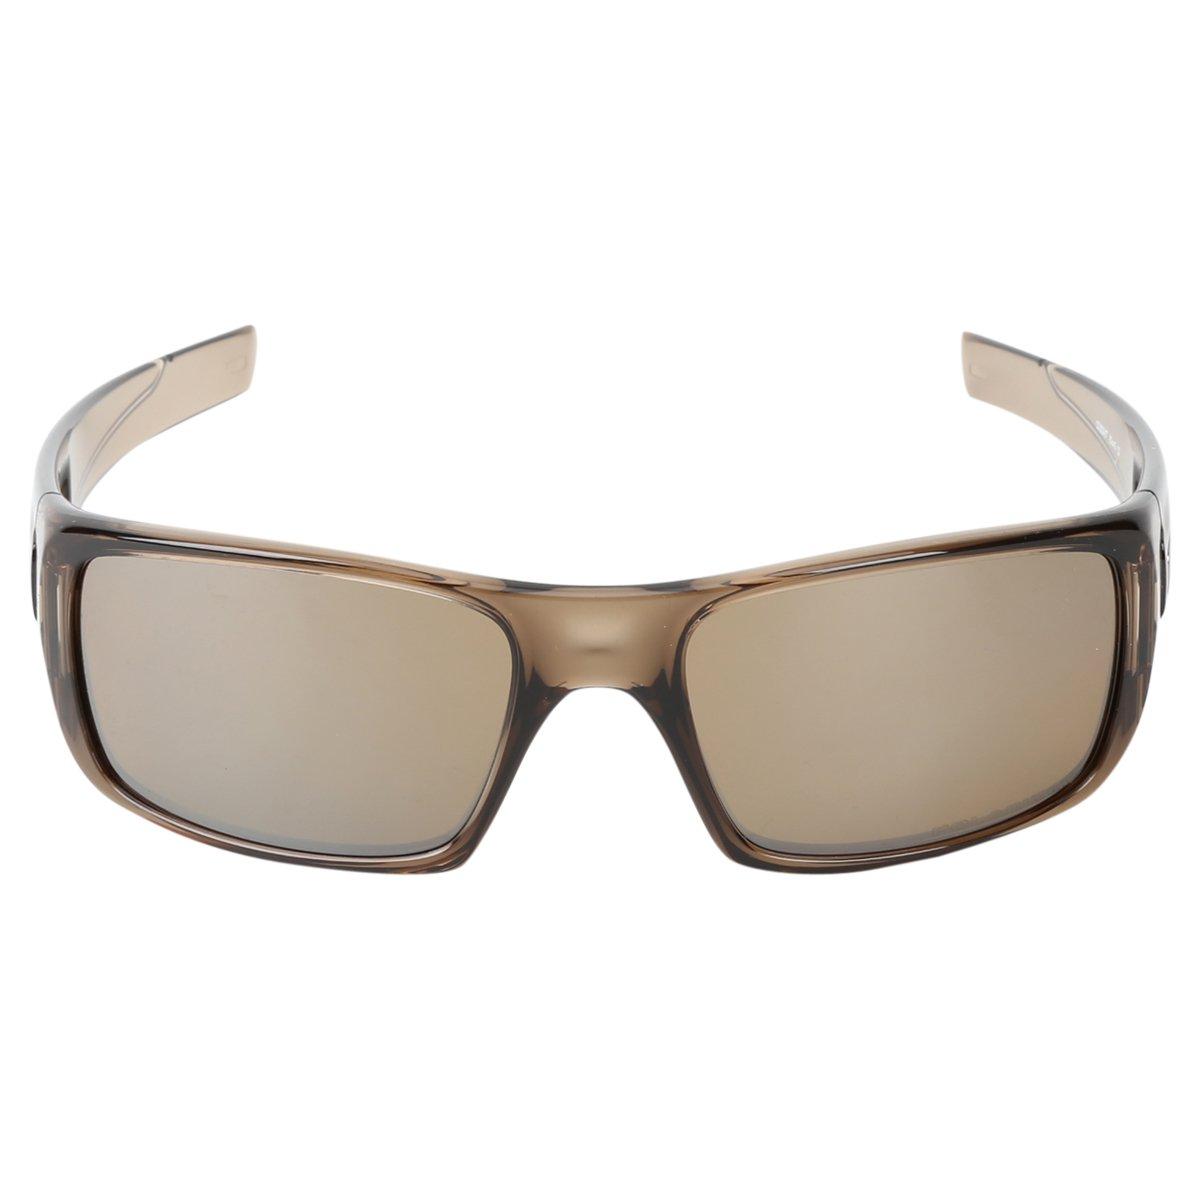 Óculos Oakley Crankshaft  Óculos Oakley Crankshaft ... ca337a5735